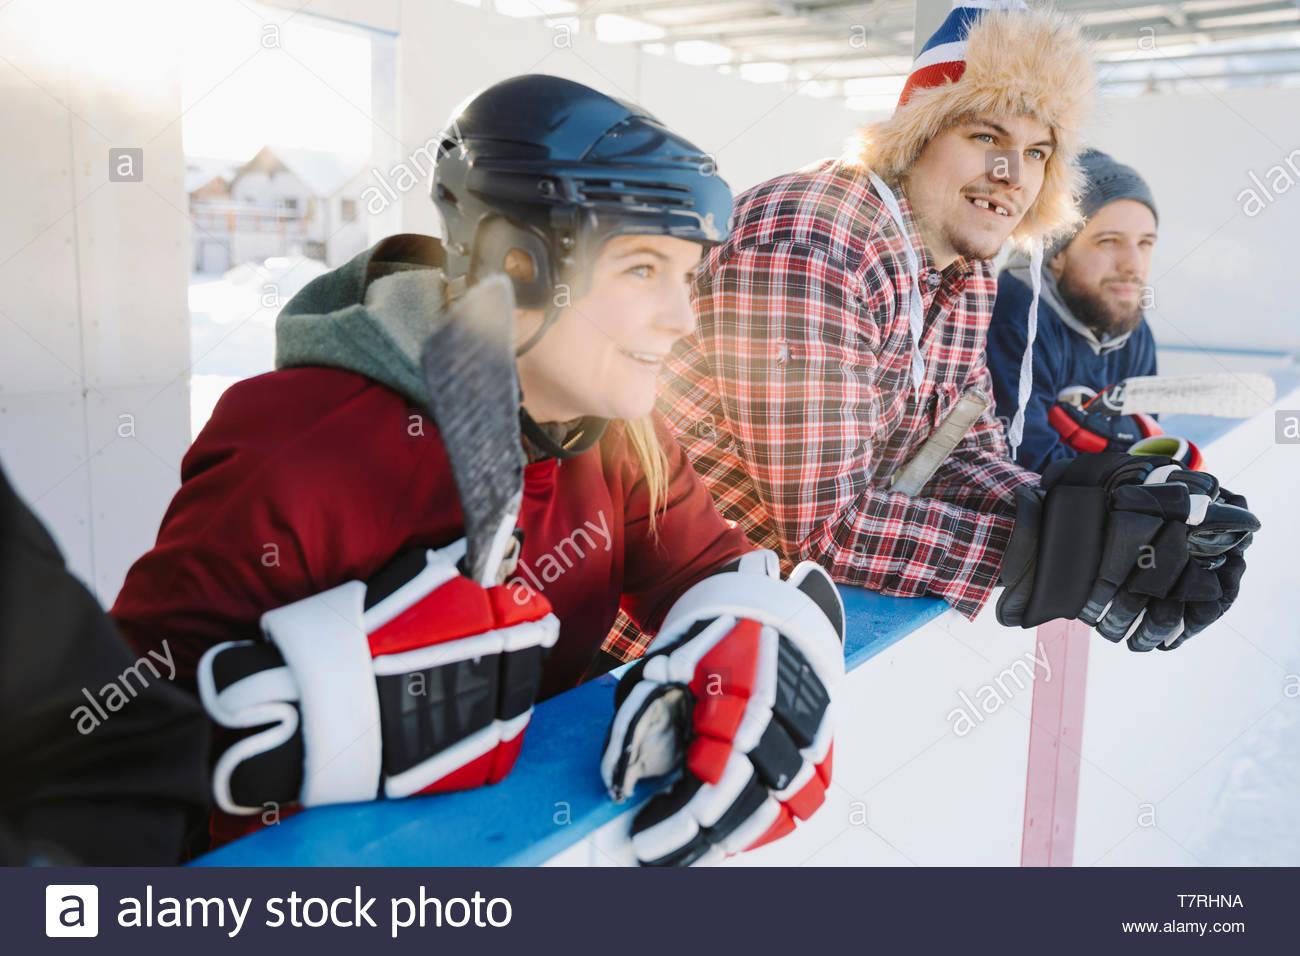 L'observation d'amis piscine match de hockey sur glace de banc de touche Photo Stock